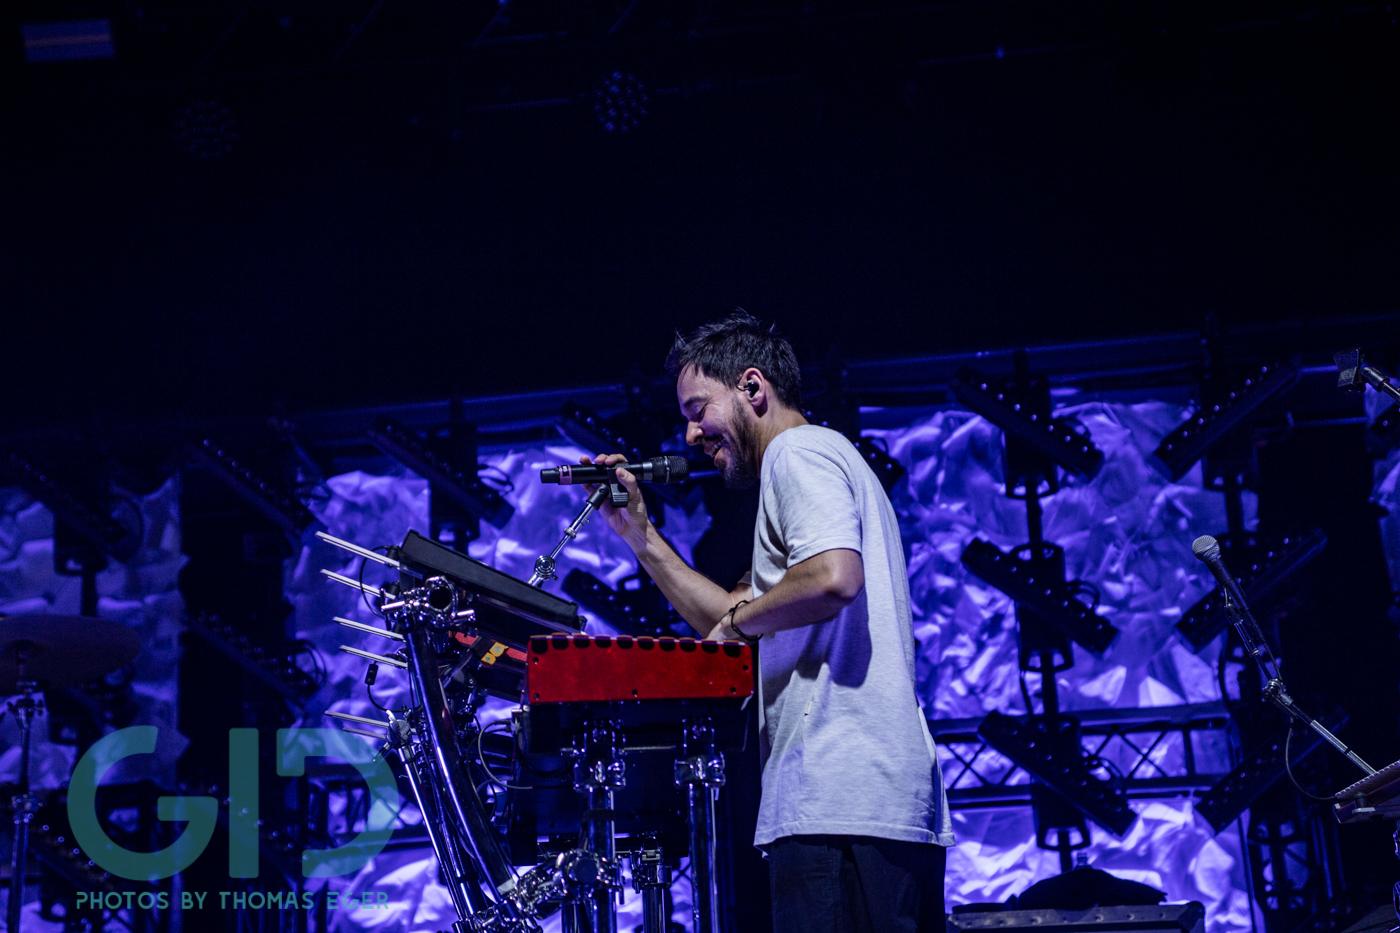 Mike-Shinoda-Hamburg-08.03.19-46